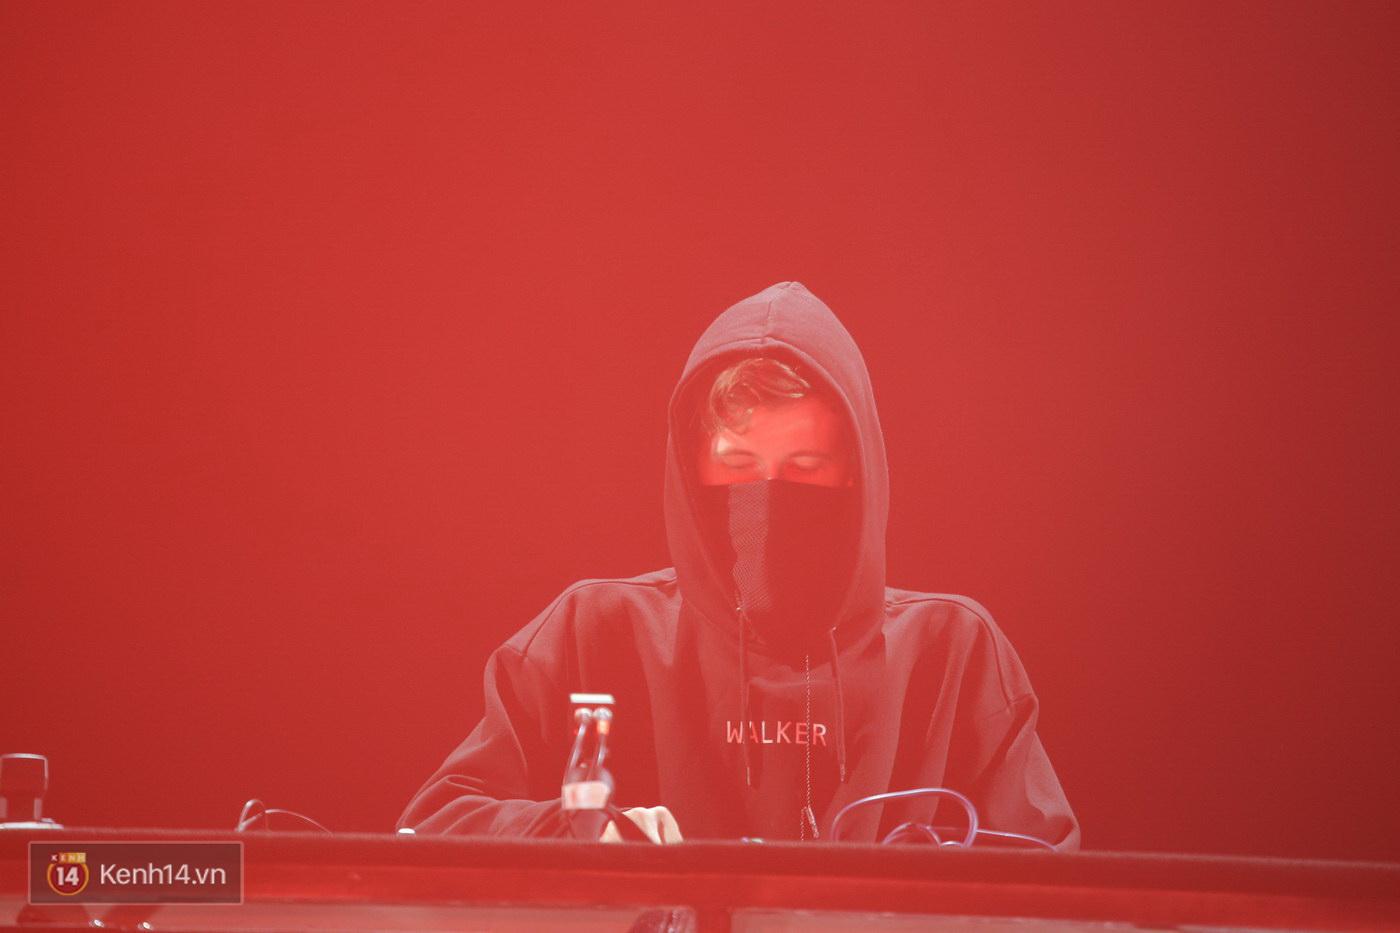 Khán giả Hà thành sướng tai đã mắt với đại nhạc hội EDM của Alan Walker và Nick Romero - Ảnh 2.